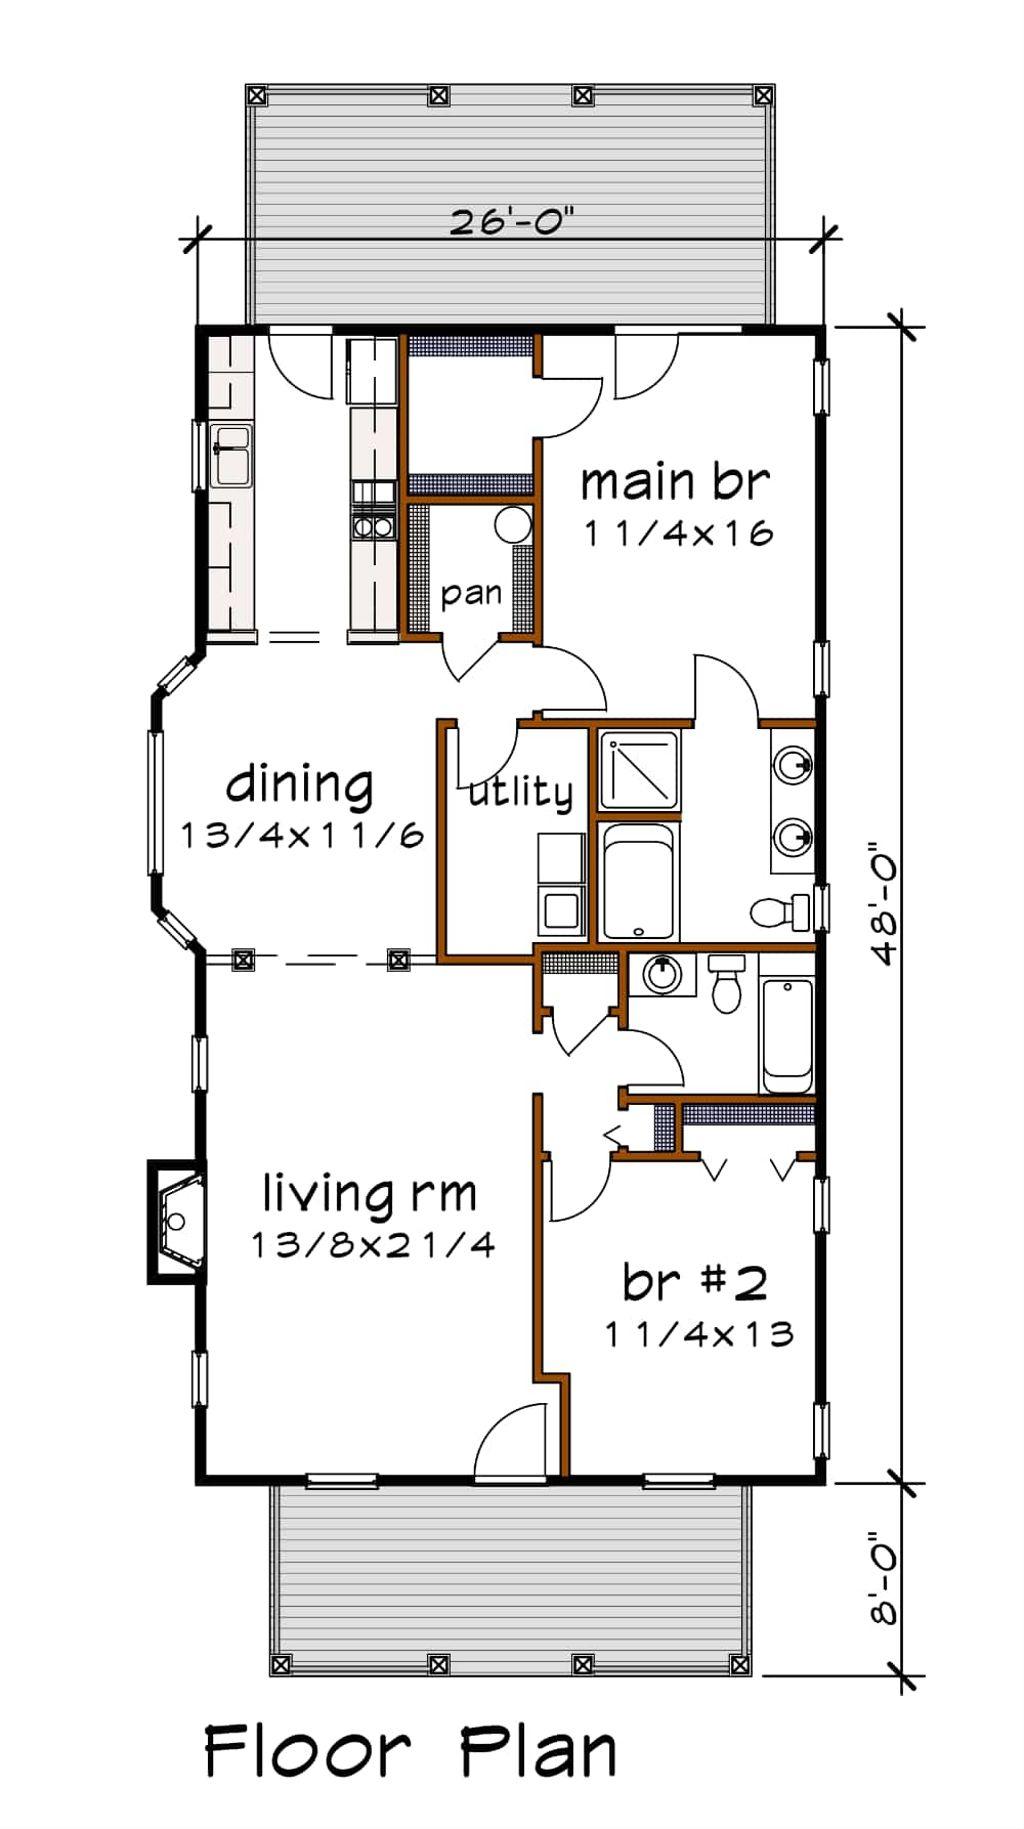 Bungalow Style House Plan 2 Beds 2 Baths 1268 Sq Ft Plan 79 174 Builderhouseplans Com